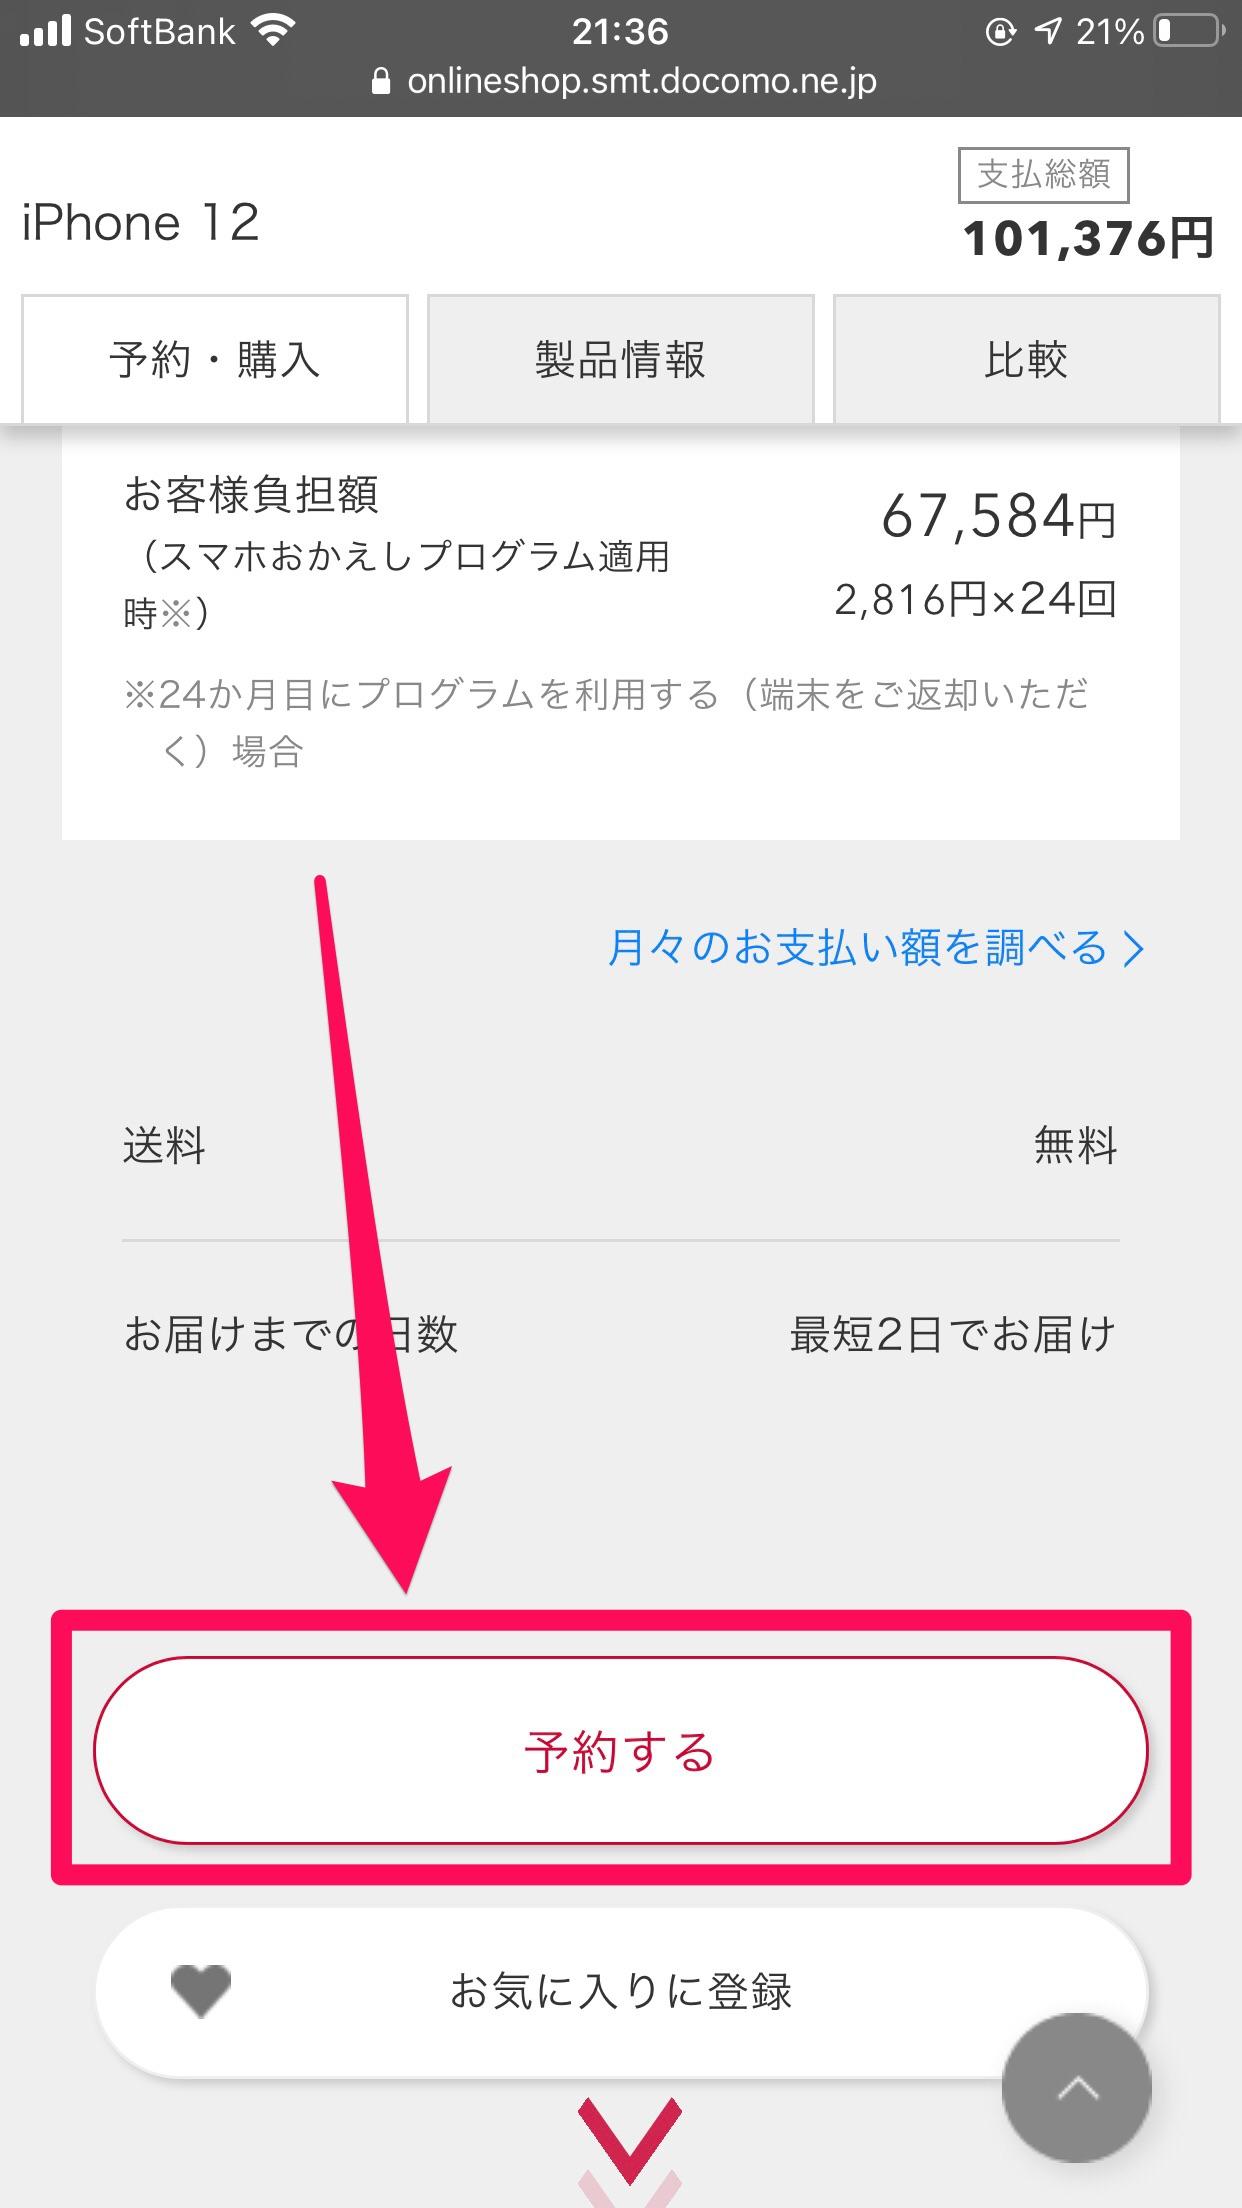 ドコモオンラインショップでiPhone 12購入5